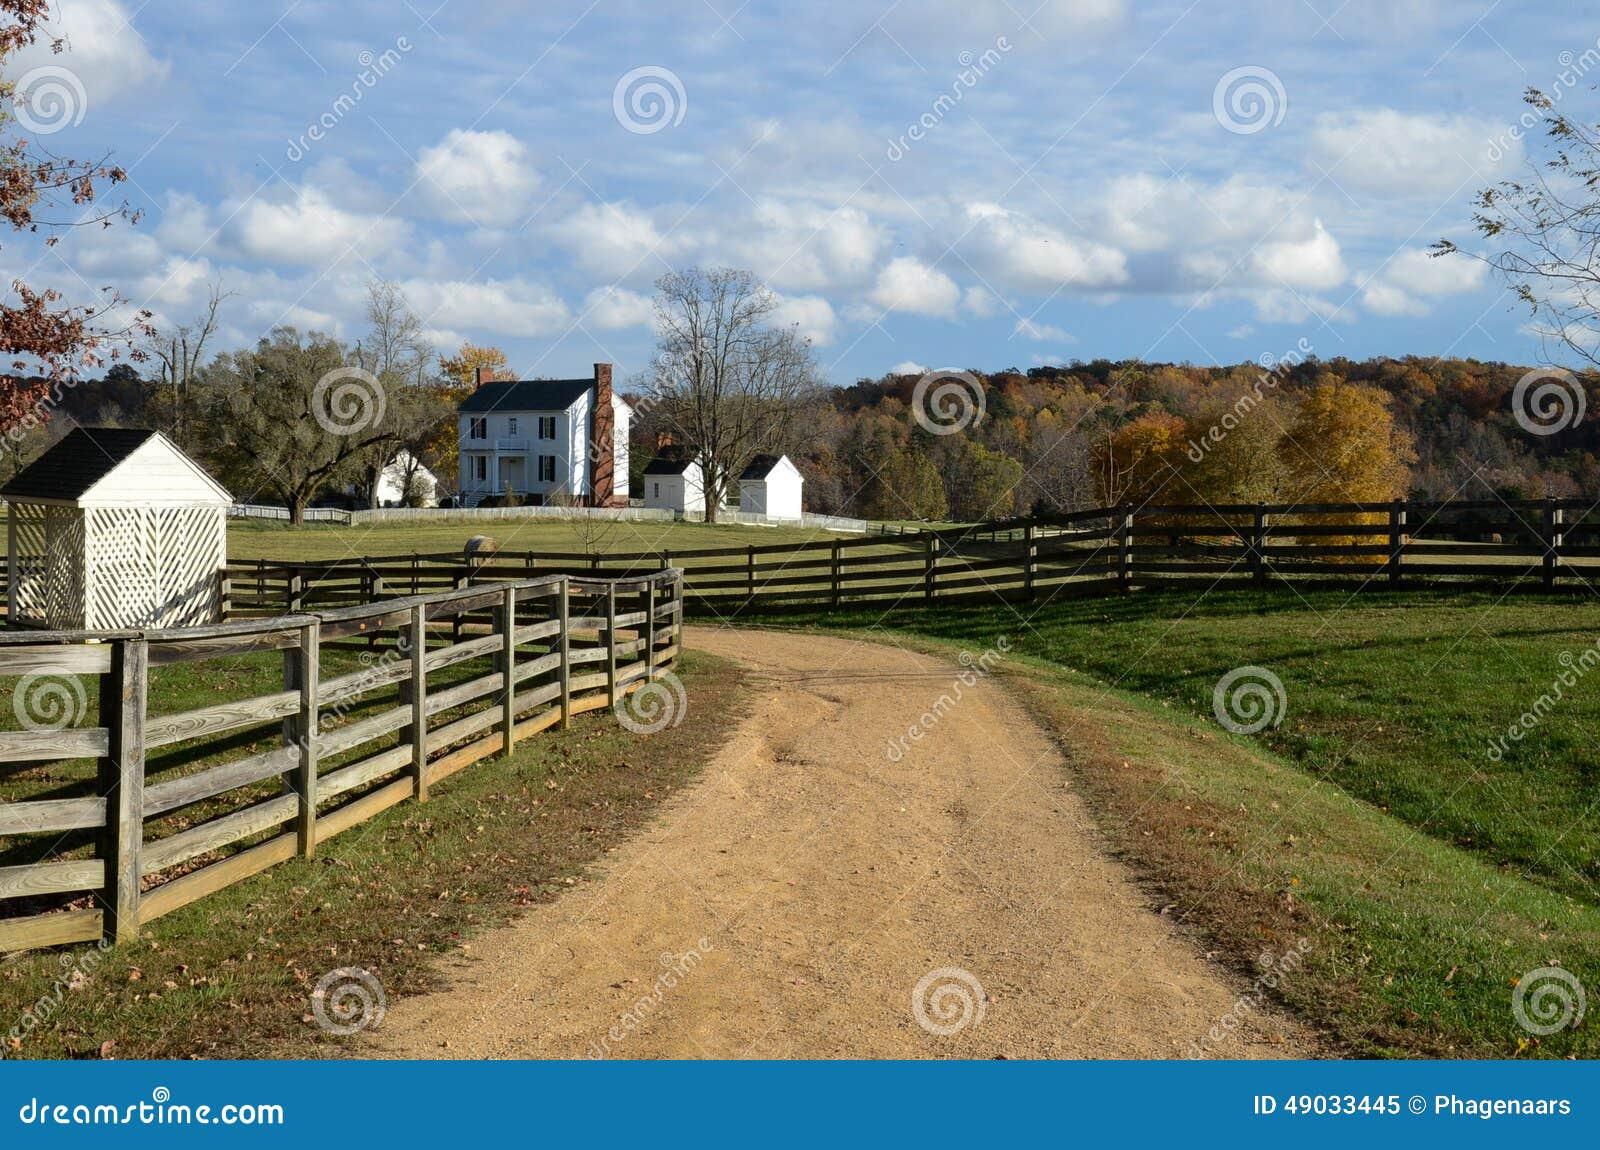 Barrières de fente-rail et champs empilés de ferme - Appomattox, la Virginie